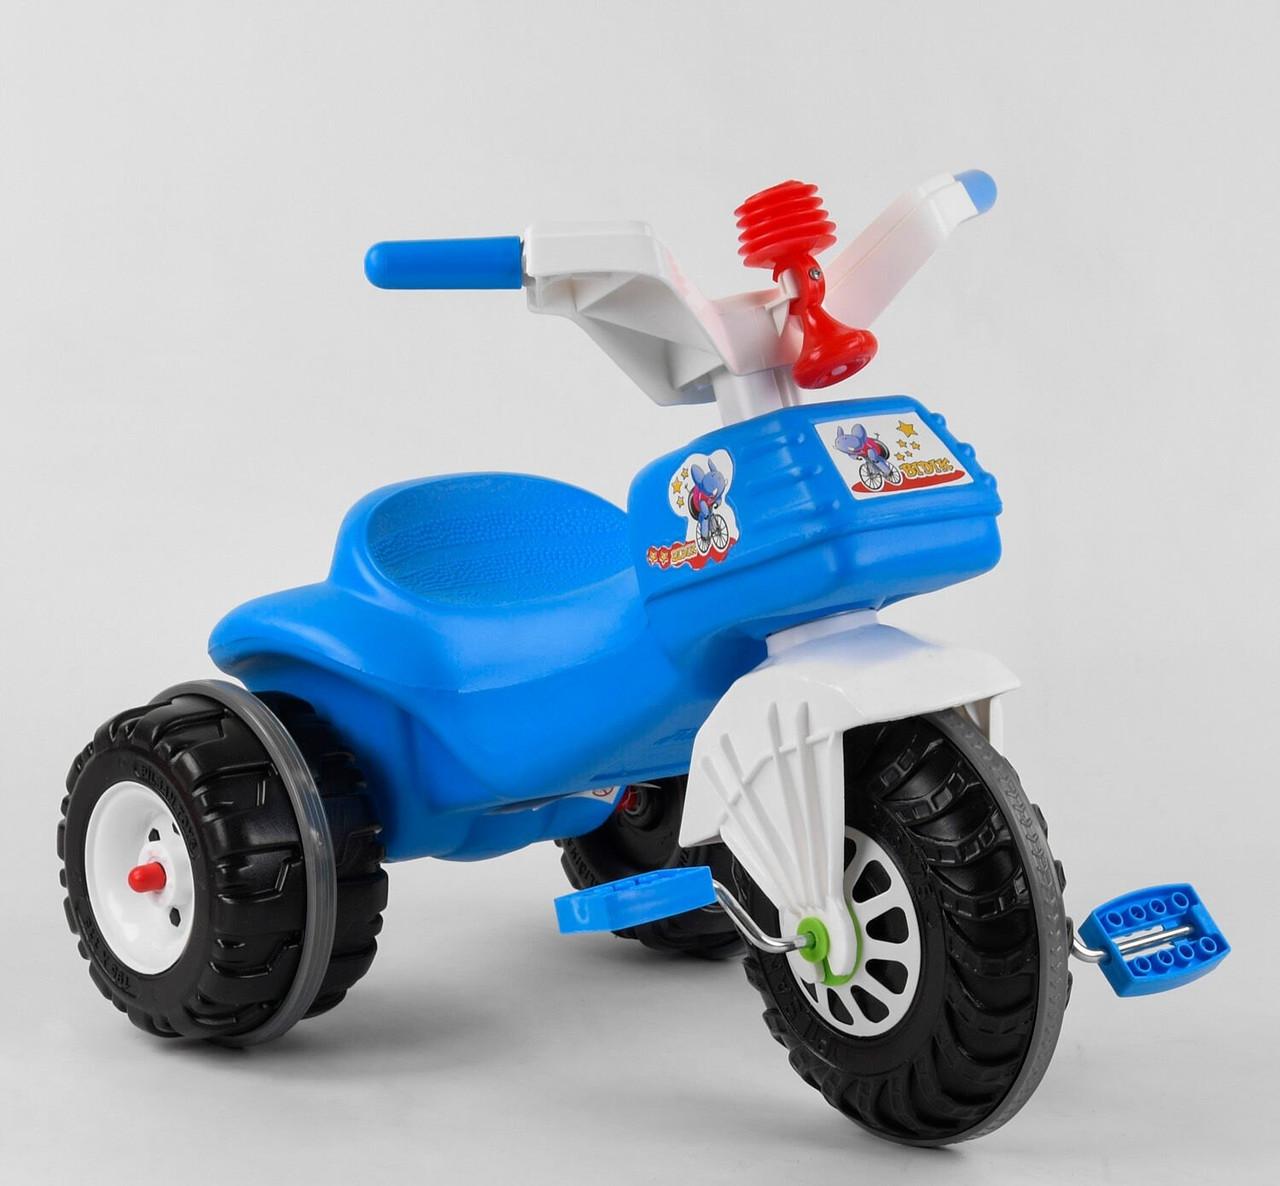 Велосипед трехколесный 07-119 Pilsan два цвета синий,красный